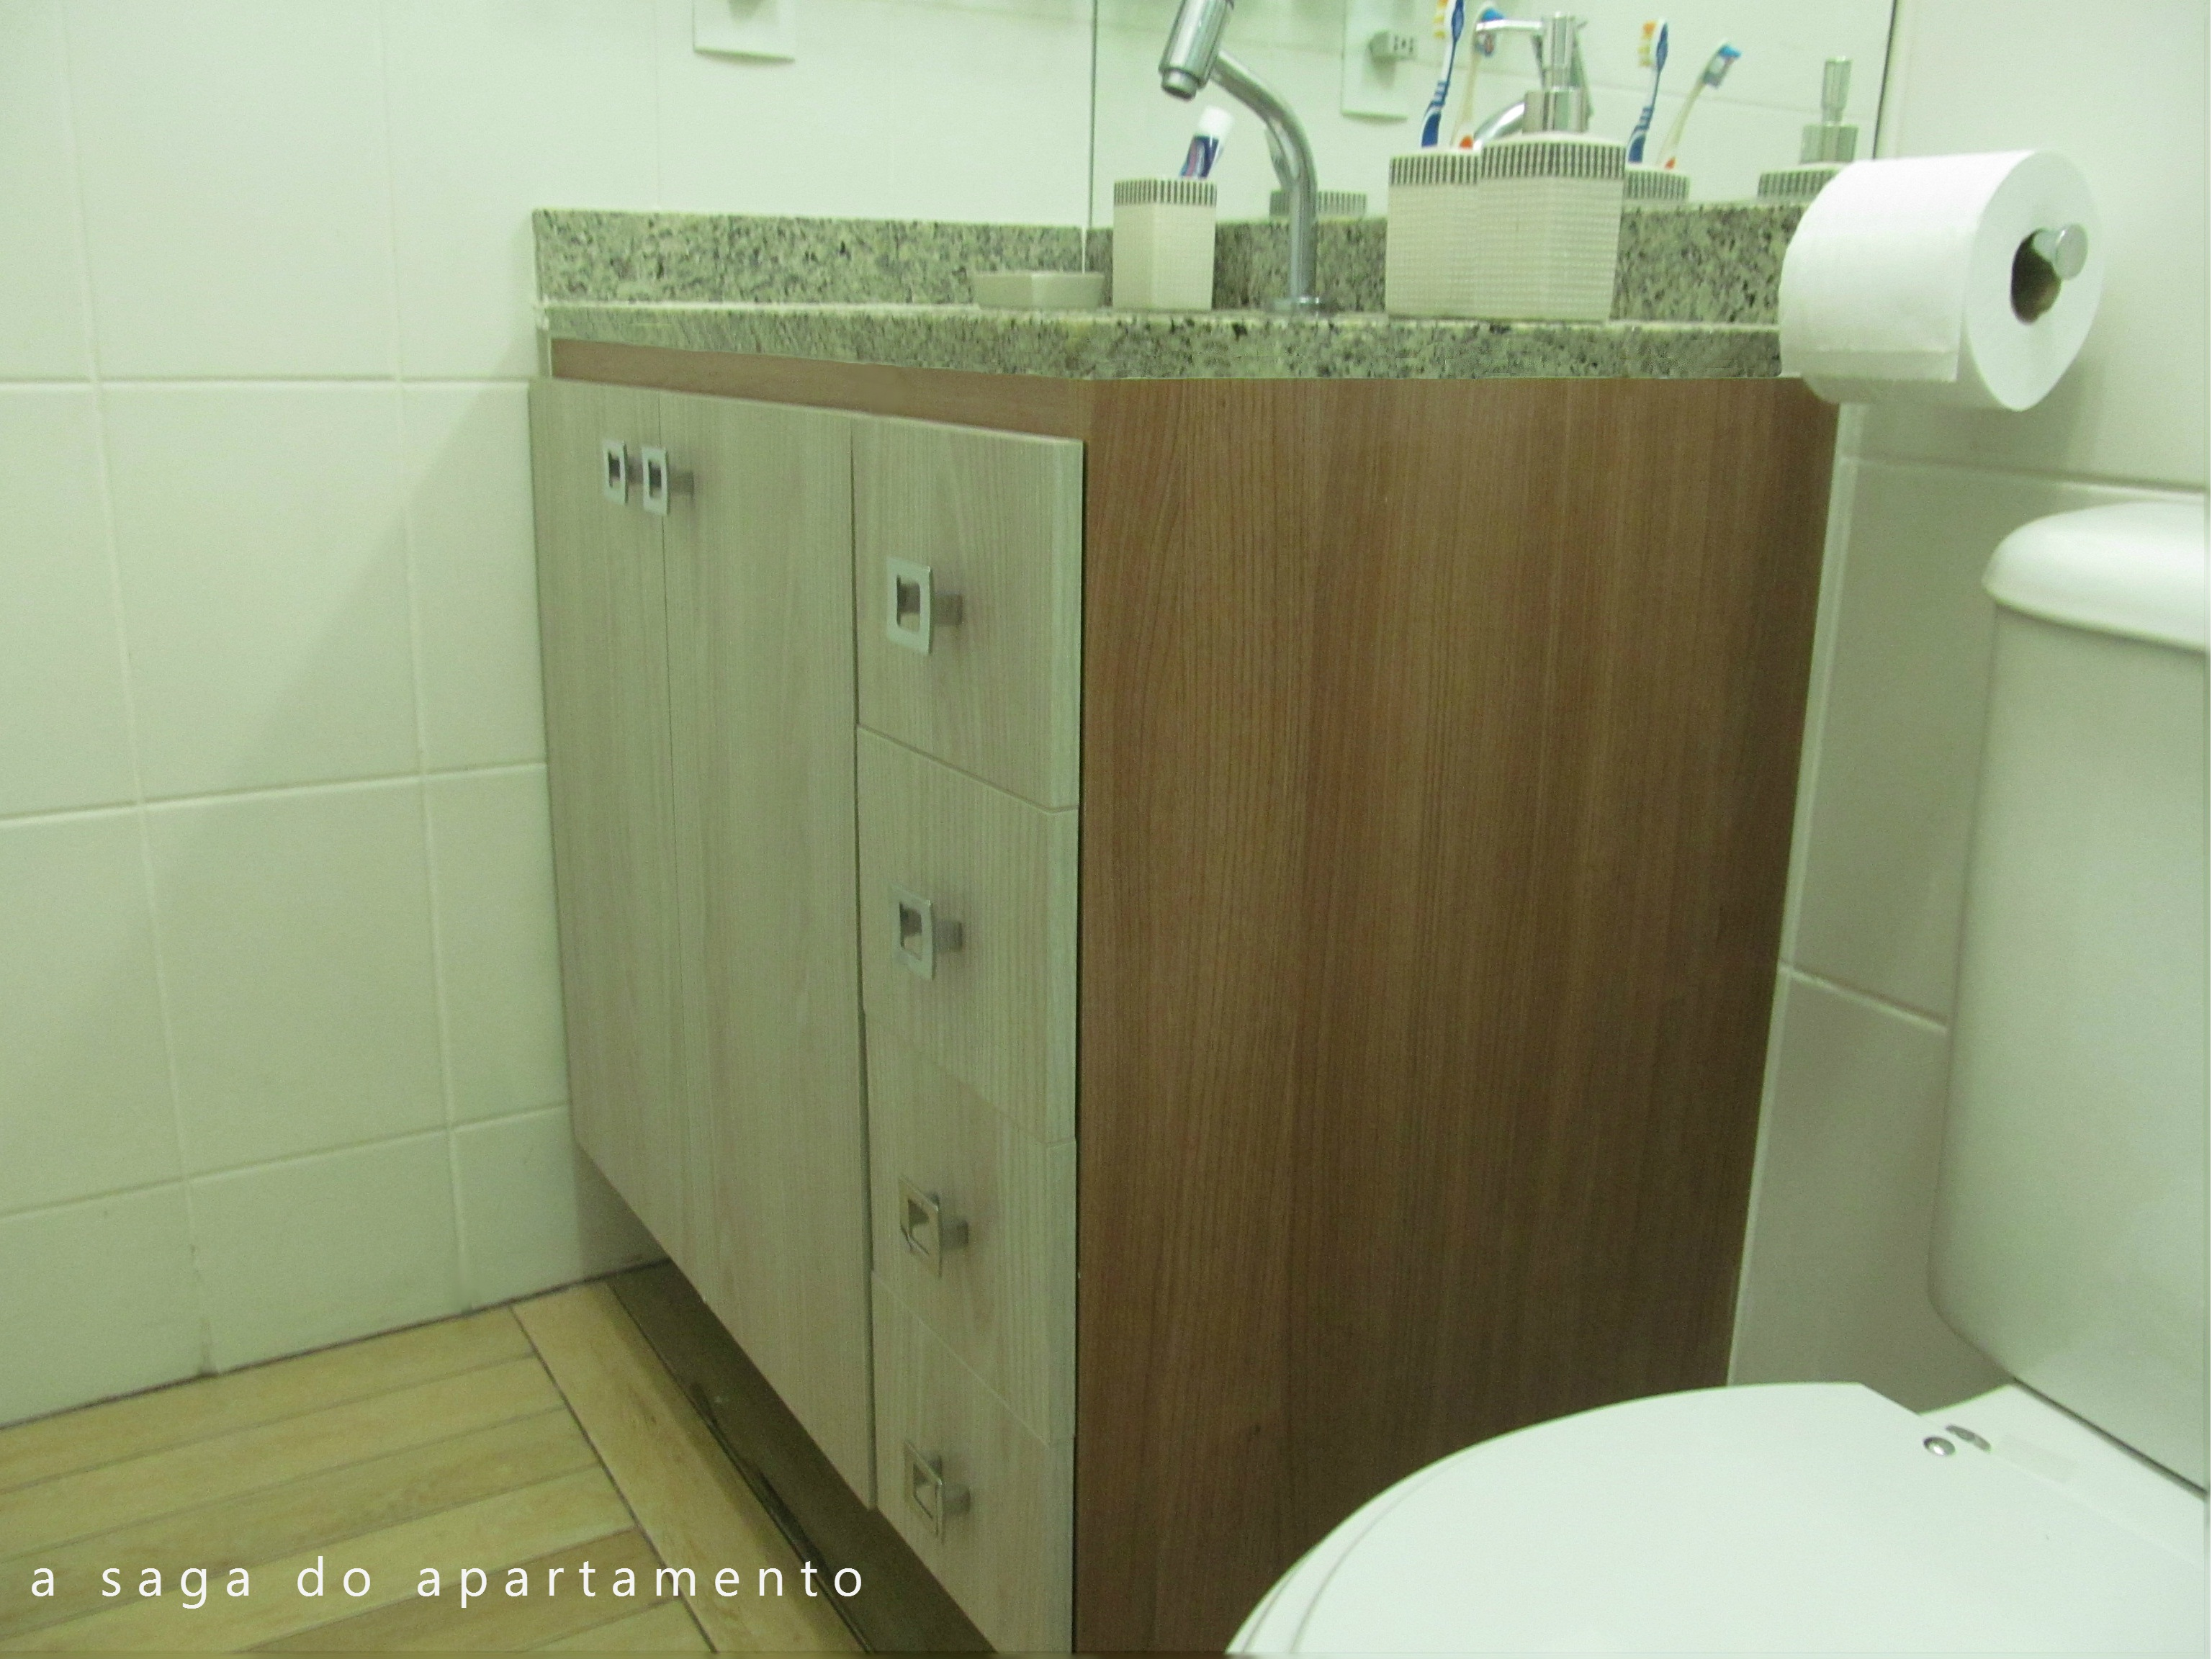 notável Armário Planejado do Banheiro a saga do apartamento #5E4E2B 3072x2304 Banheiro Armario Planejado